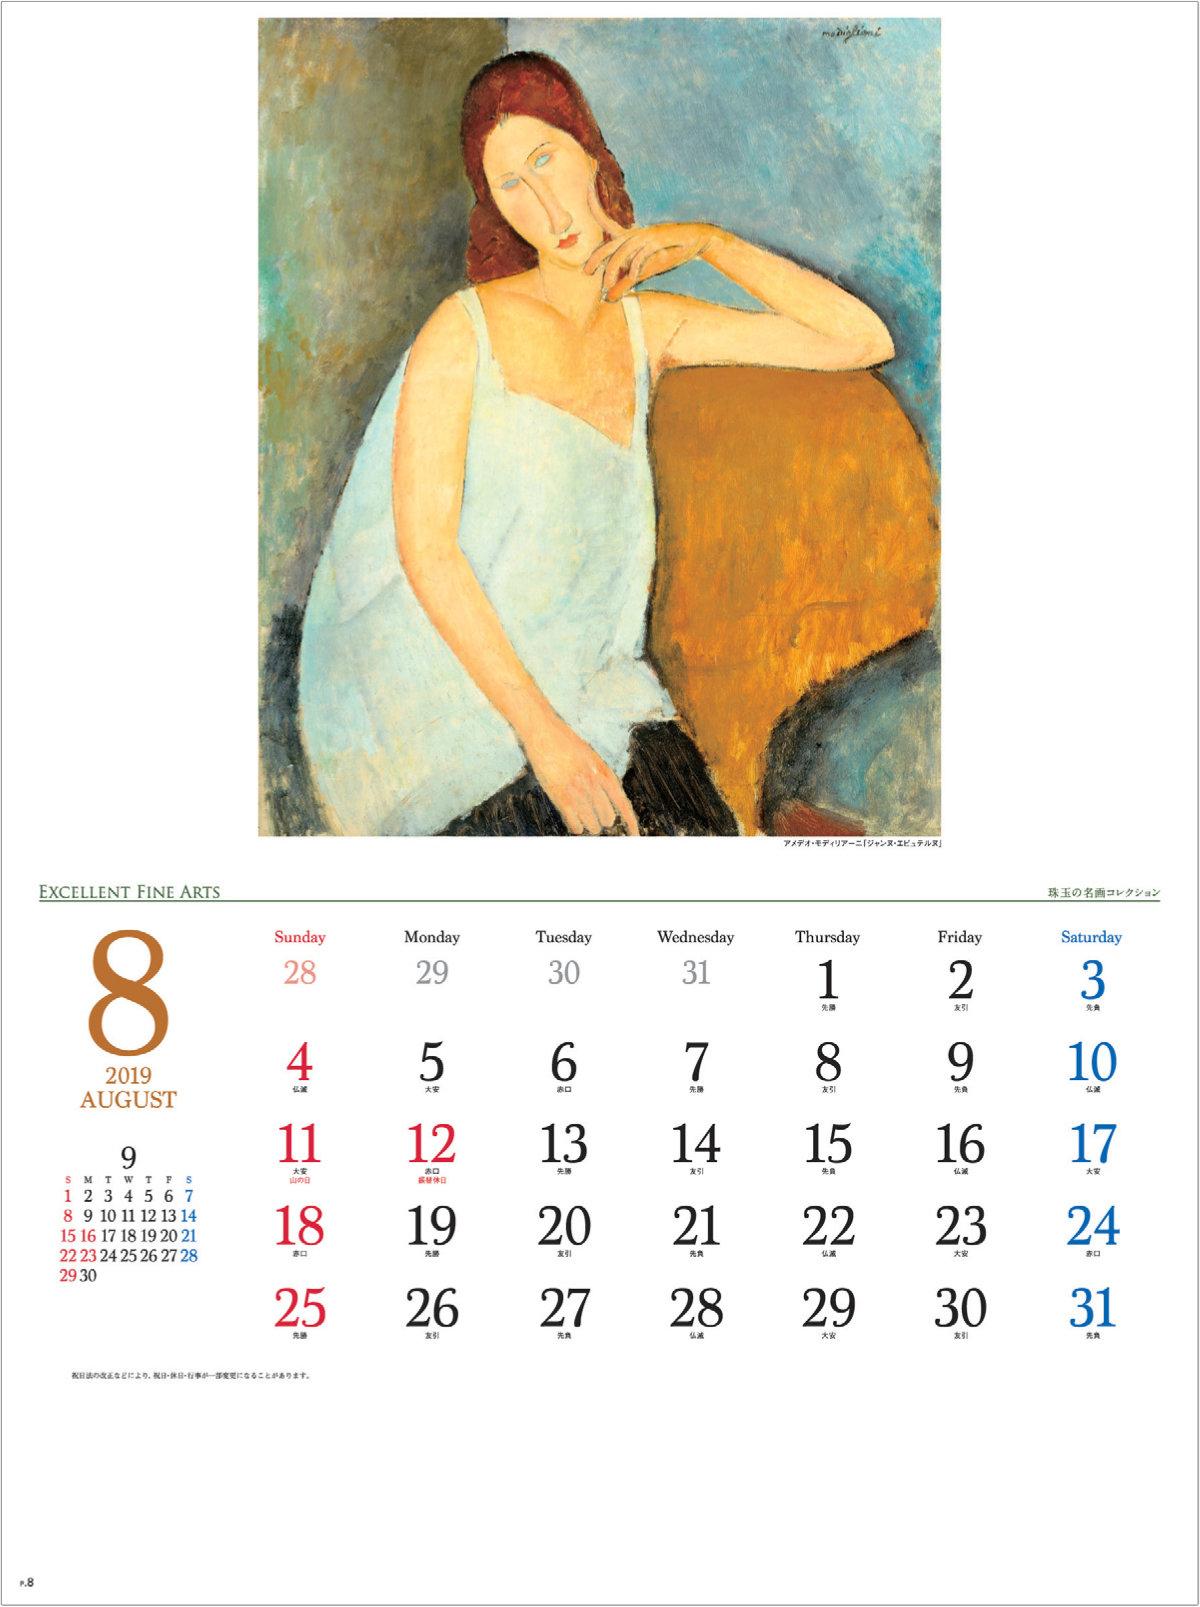 画像:アメデオ・モディリアーニ「ジャンヌ・エビュテルヌ」 珠玉の名画コレクション 2019年カレンダー